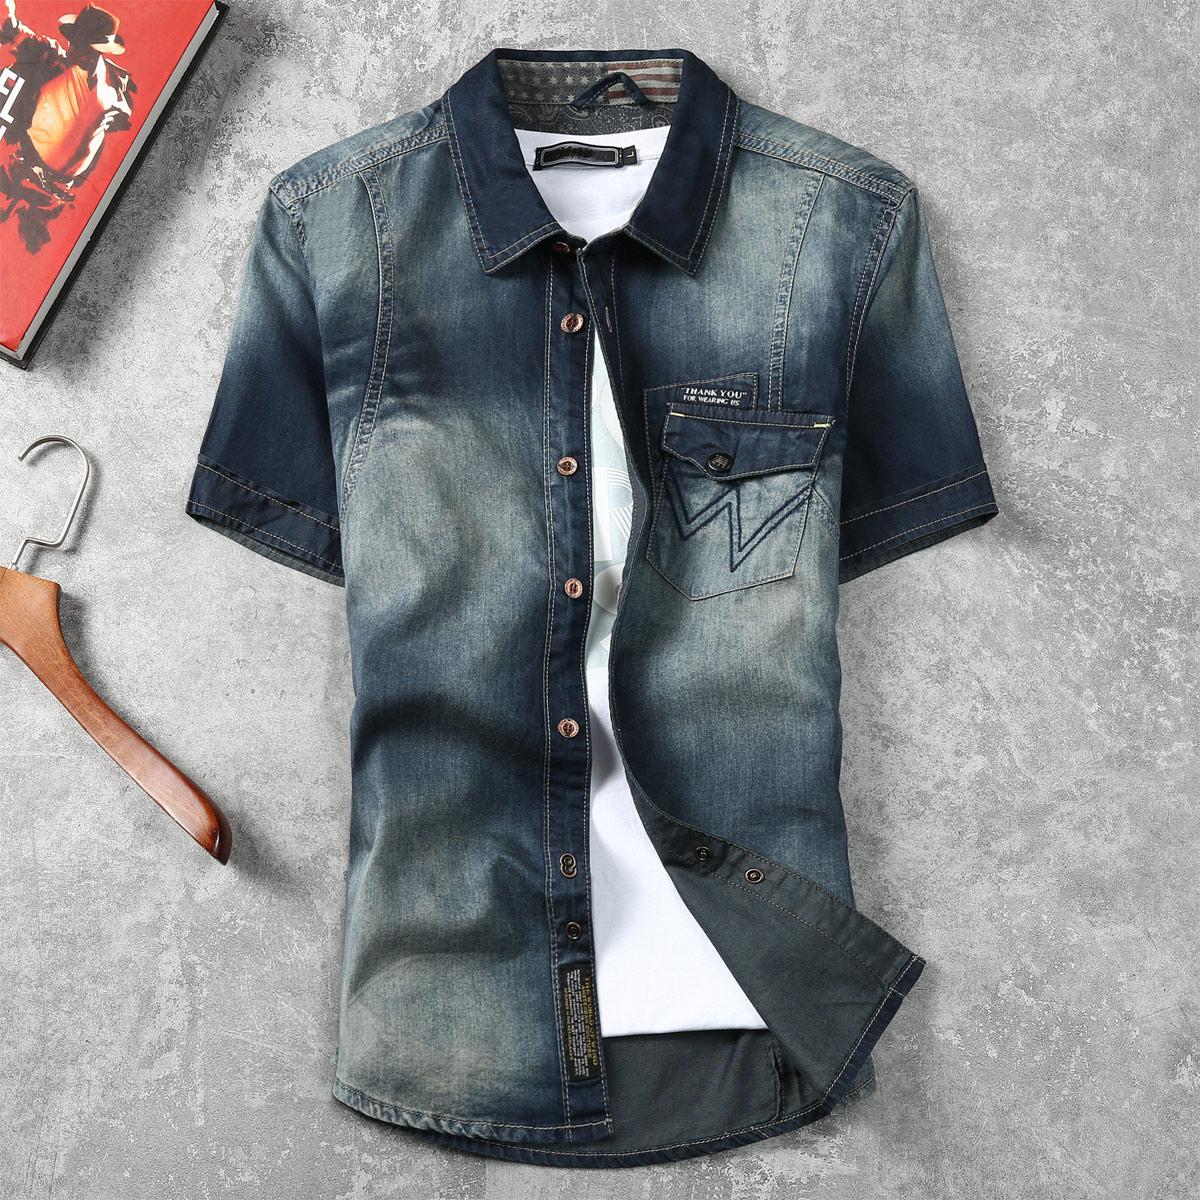 男士牛仔衬衫 卡威酷潮男夏季新品修身牛仔短袖衬衫男士水洗个性口袋休闲衬衣_推荐淘宝好看的男牛仔衬衫